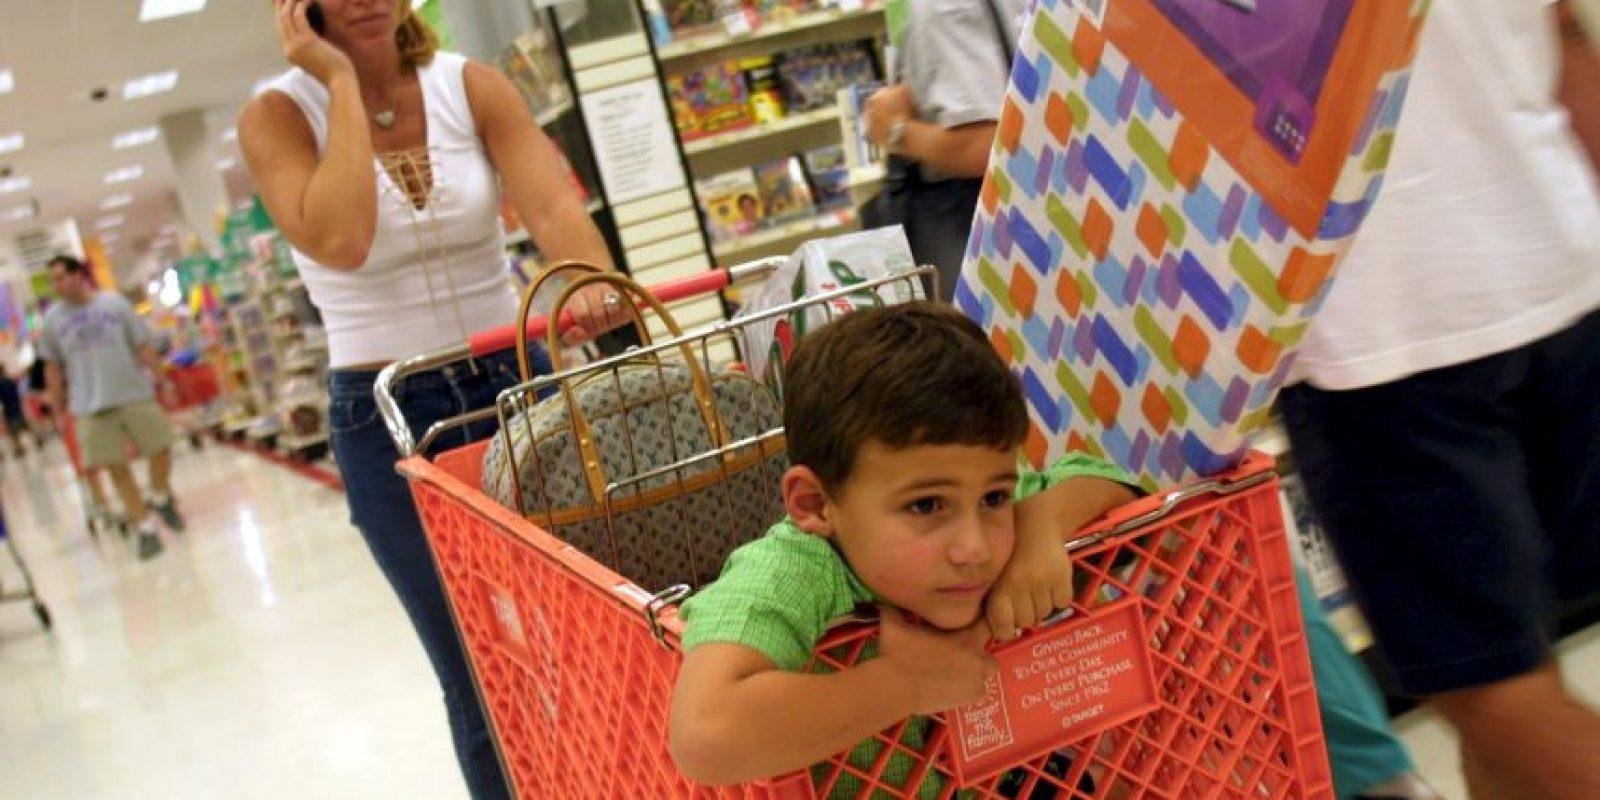 De acuerdo al testimonio de Gina Young, sus hijos comenzaron a llorar cuando escucharon la película. Los demás clientes comenzaron a gritarle a los empleados Foto:Getty Images